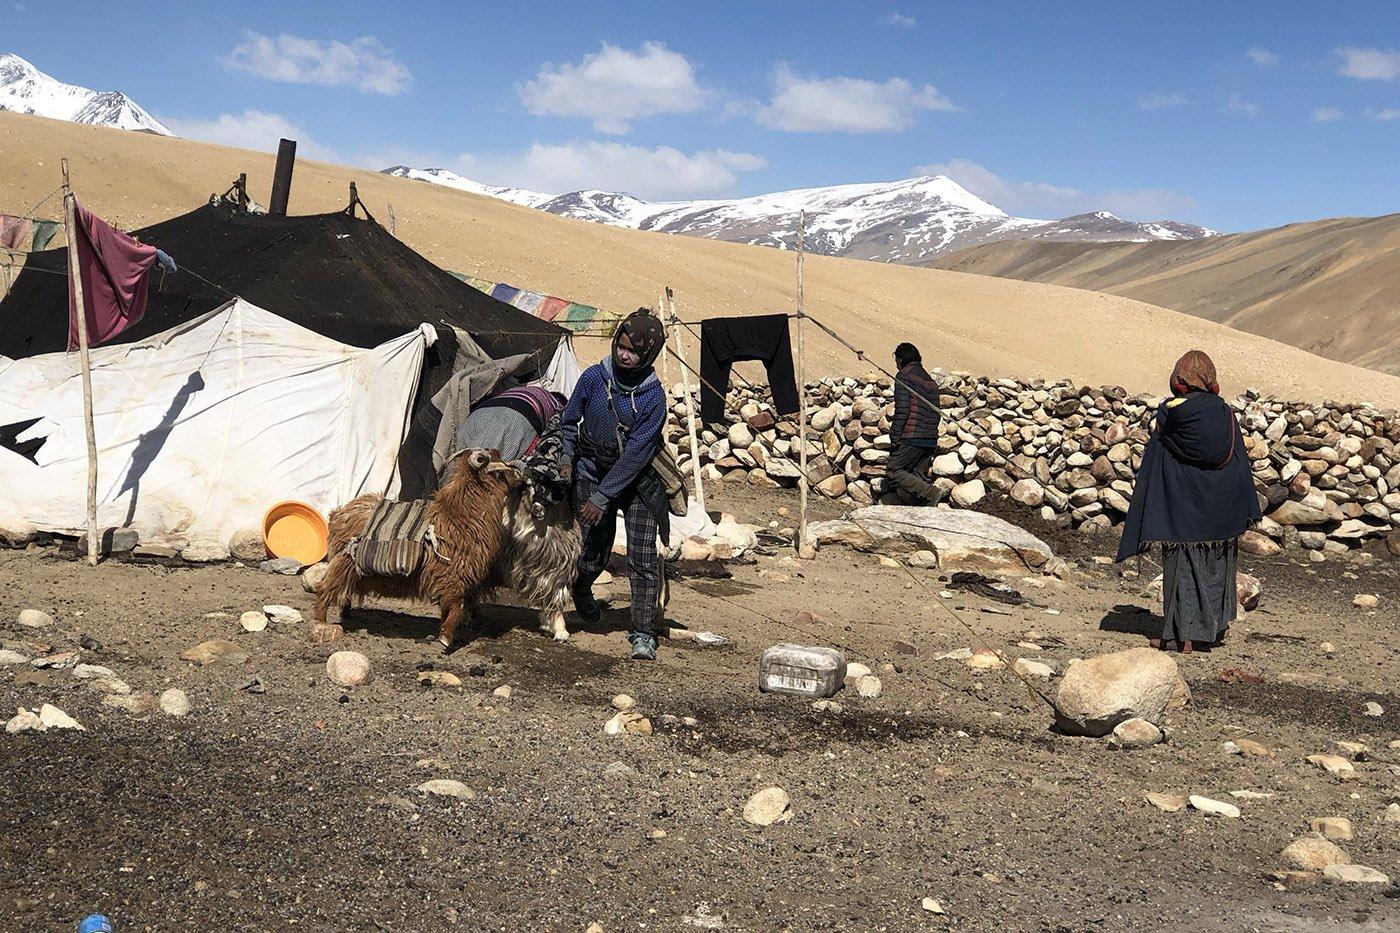 達拉克的居民多是牧民,他們依靠放養牲畜生存。